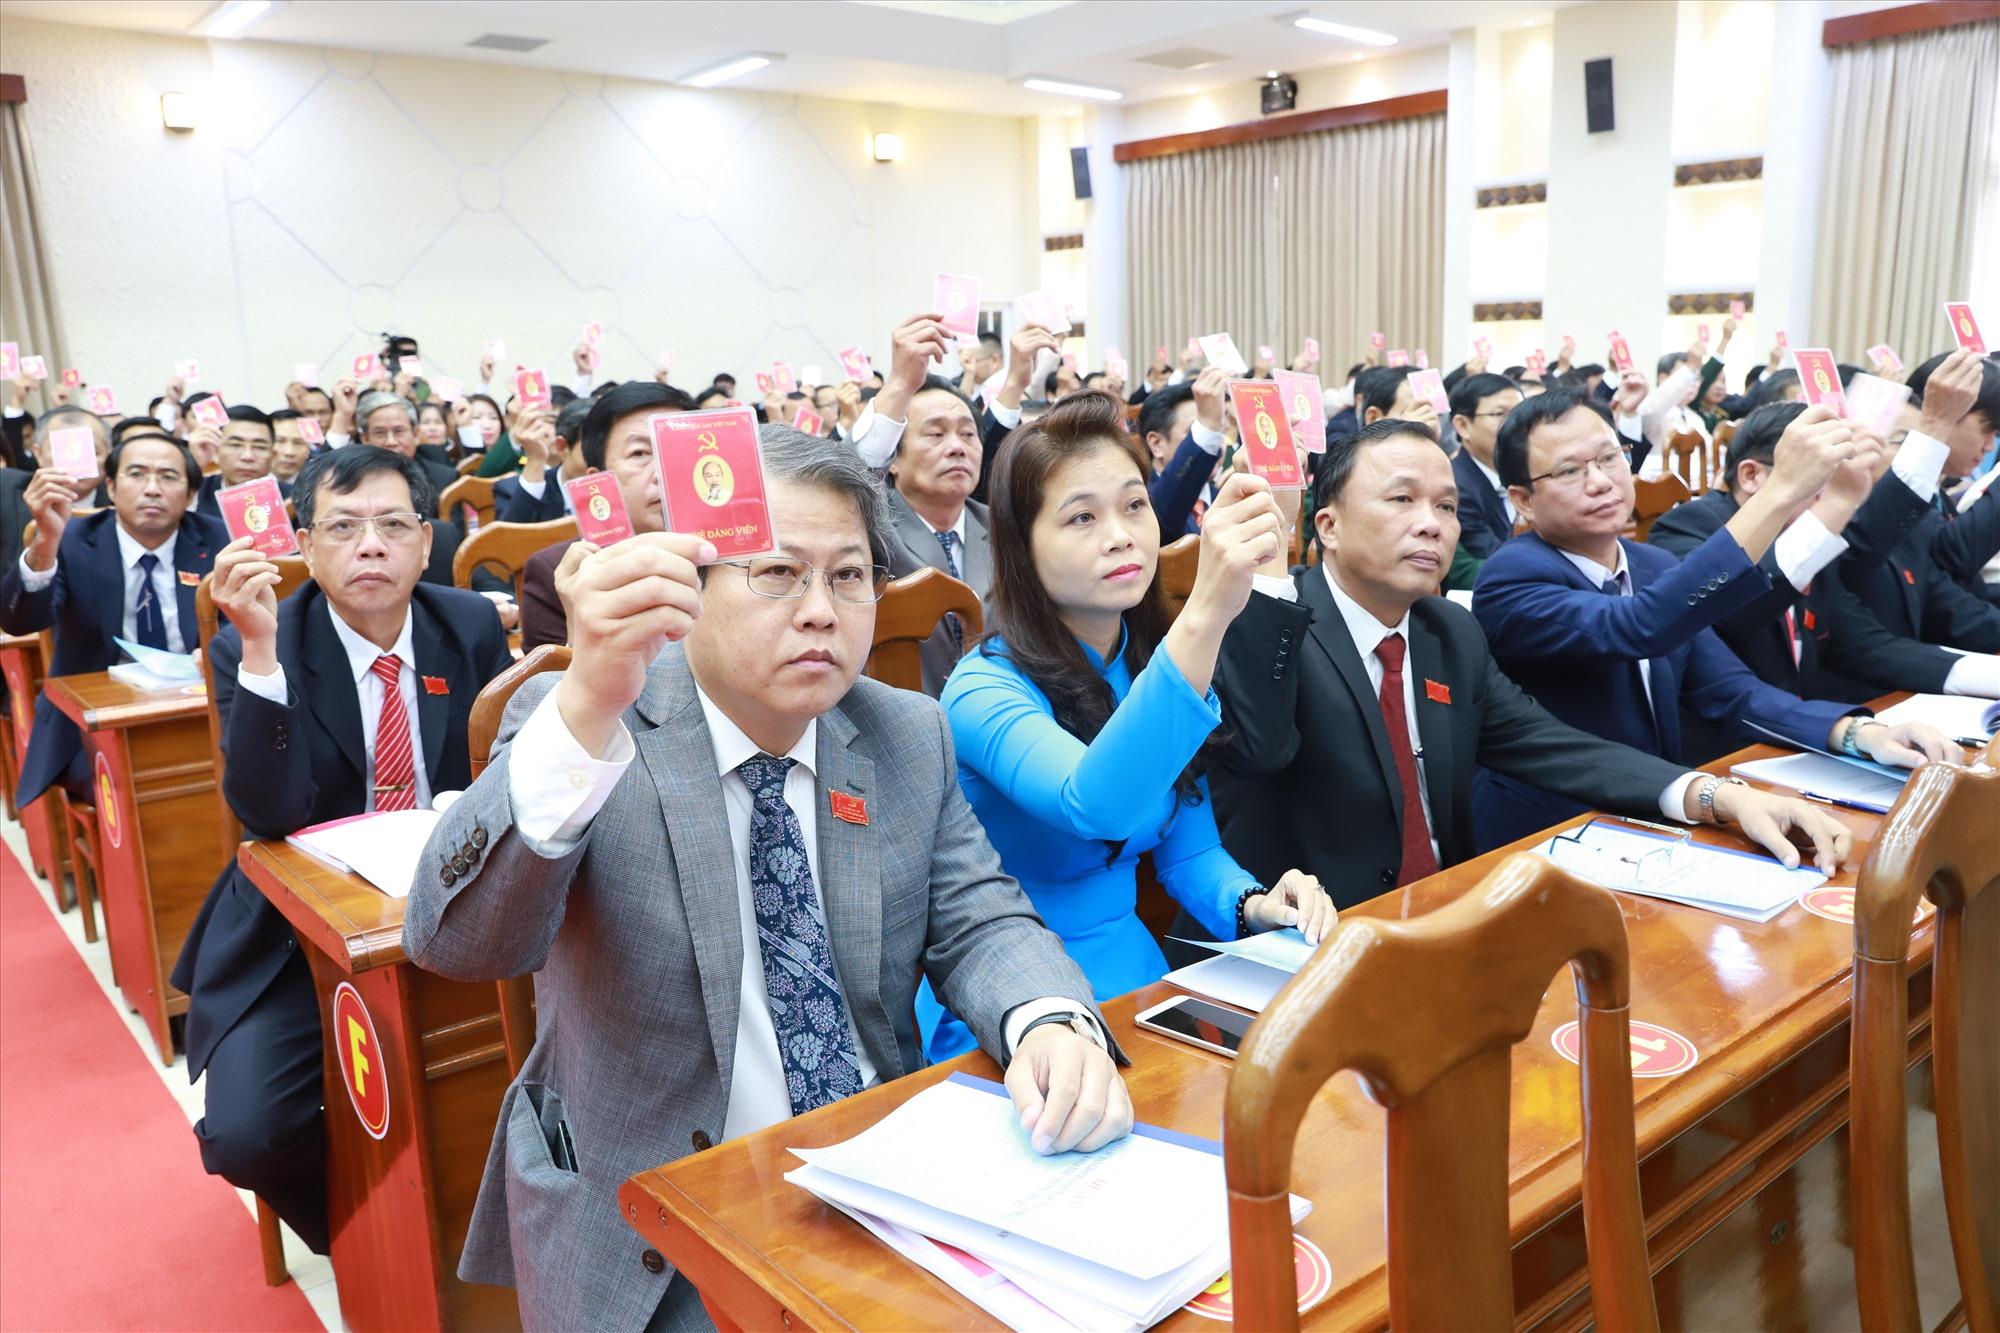 Đại biểu biểu quyết các nhóm chỉ tiêu tại Đại hội đại biểu Đảng bộ tỉnh Quảng Nam lần thứ XXII (nhiệm kỳ 2020 - 2025). Ảnh: T.CÔNG